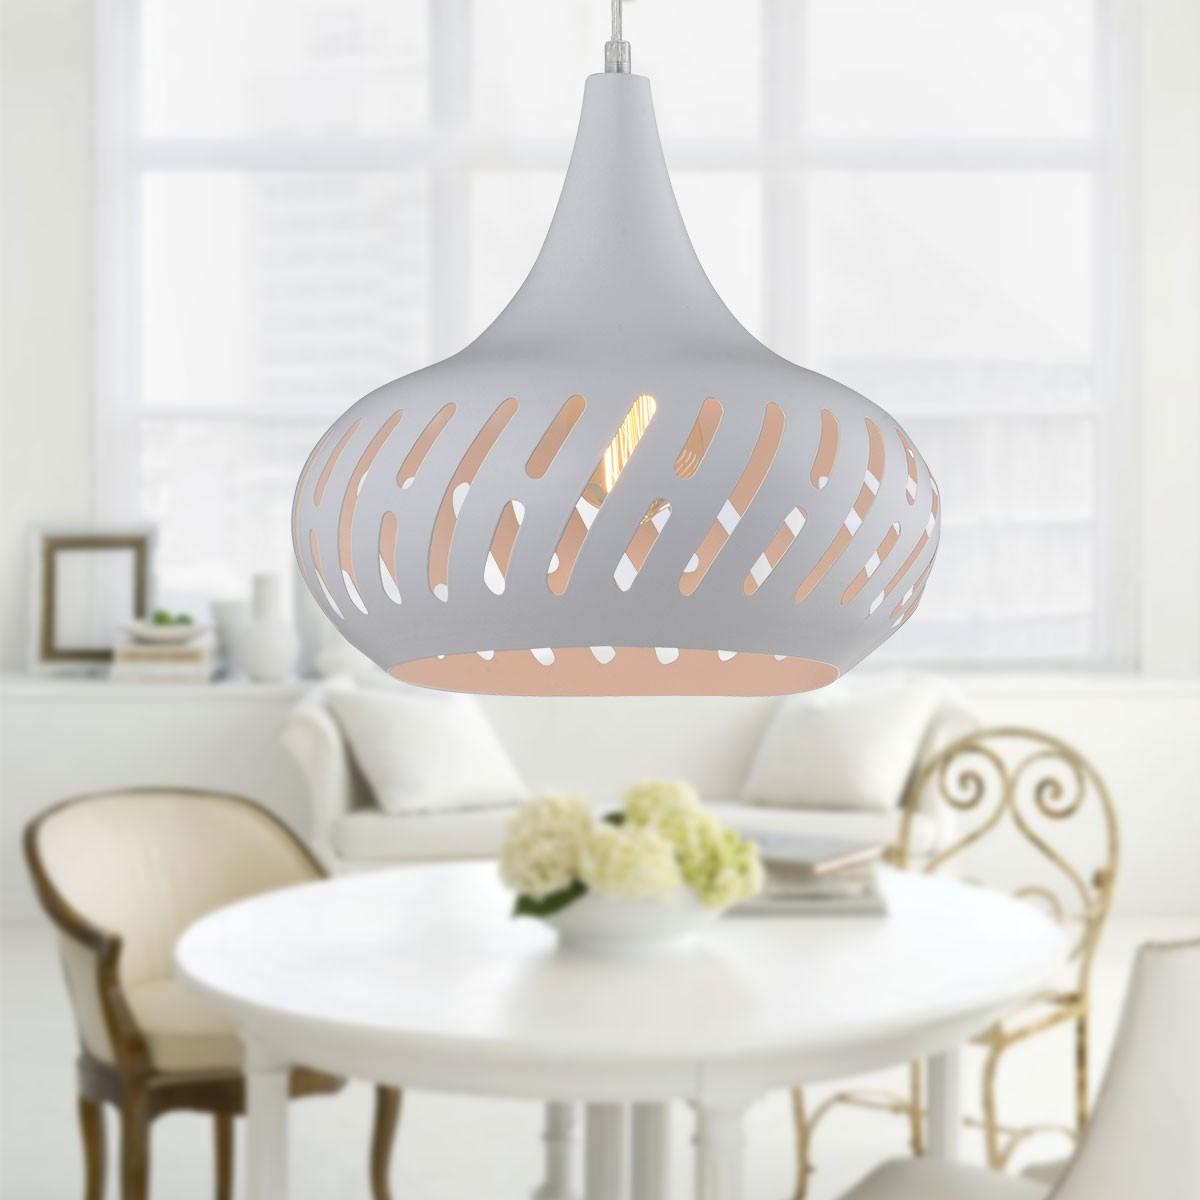 1-Light White Iron Modern Pendant Light (HKP31451-1)